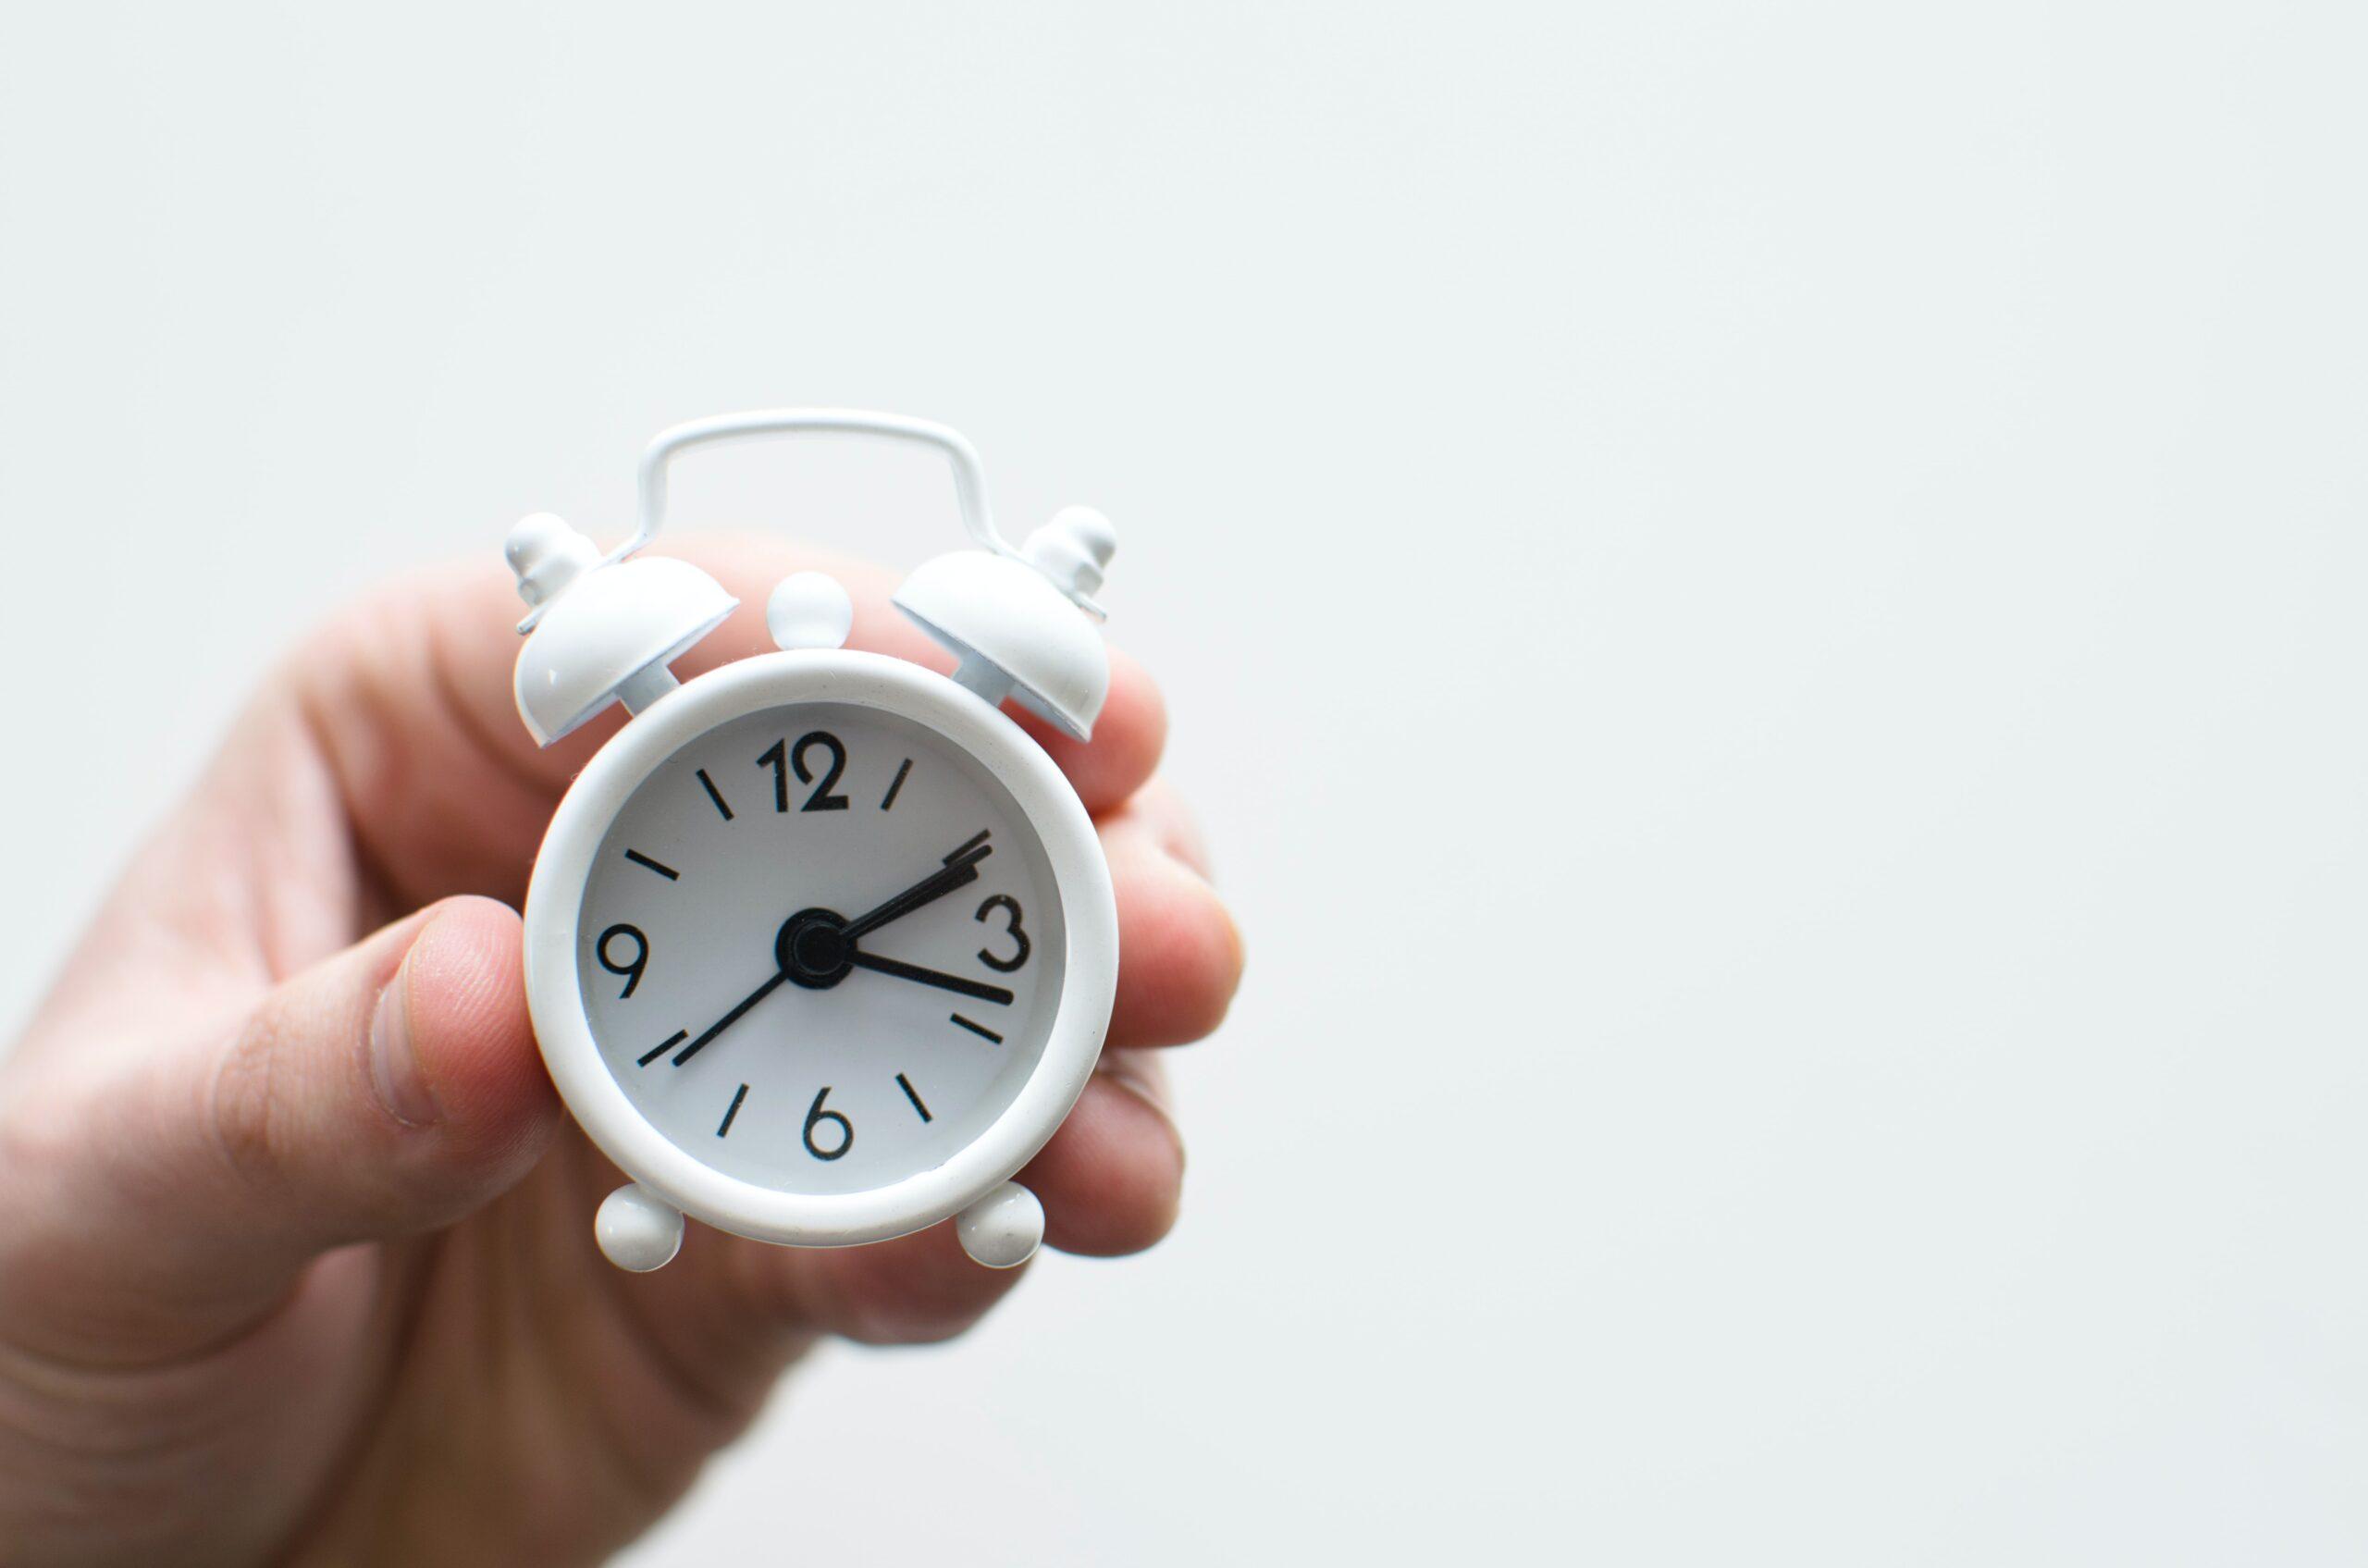 """Στην κουλτούρα του hustle που ζούμε, δεν είναι σπάνιο το να """"τα χάνουμε"""" μπροστά στα αμέτρητα πράγματα με τα οποία θέλουμε ή οφείλουμε να ασχοληθούμε. Επαγγελματικές και κοινωνικές υποχρεώσεις, διασκέδαση, χαλάρωση, ψυχαγωγία, προσωπικός χρόνος. Αν έχεις βρεθεί κι εσύ αντιμέτωπος με την έννοια του """"πολλά πράγματα, πολύ λίγος χρόνος"""" το σεμινάριο """"How to become a time master"""" είναι για σένα!"""